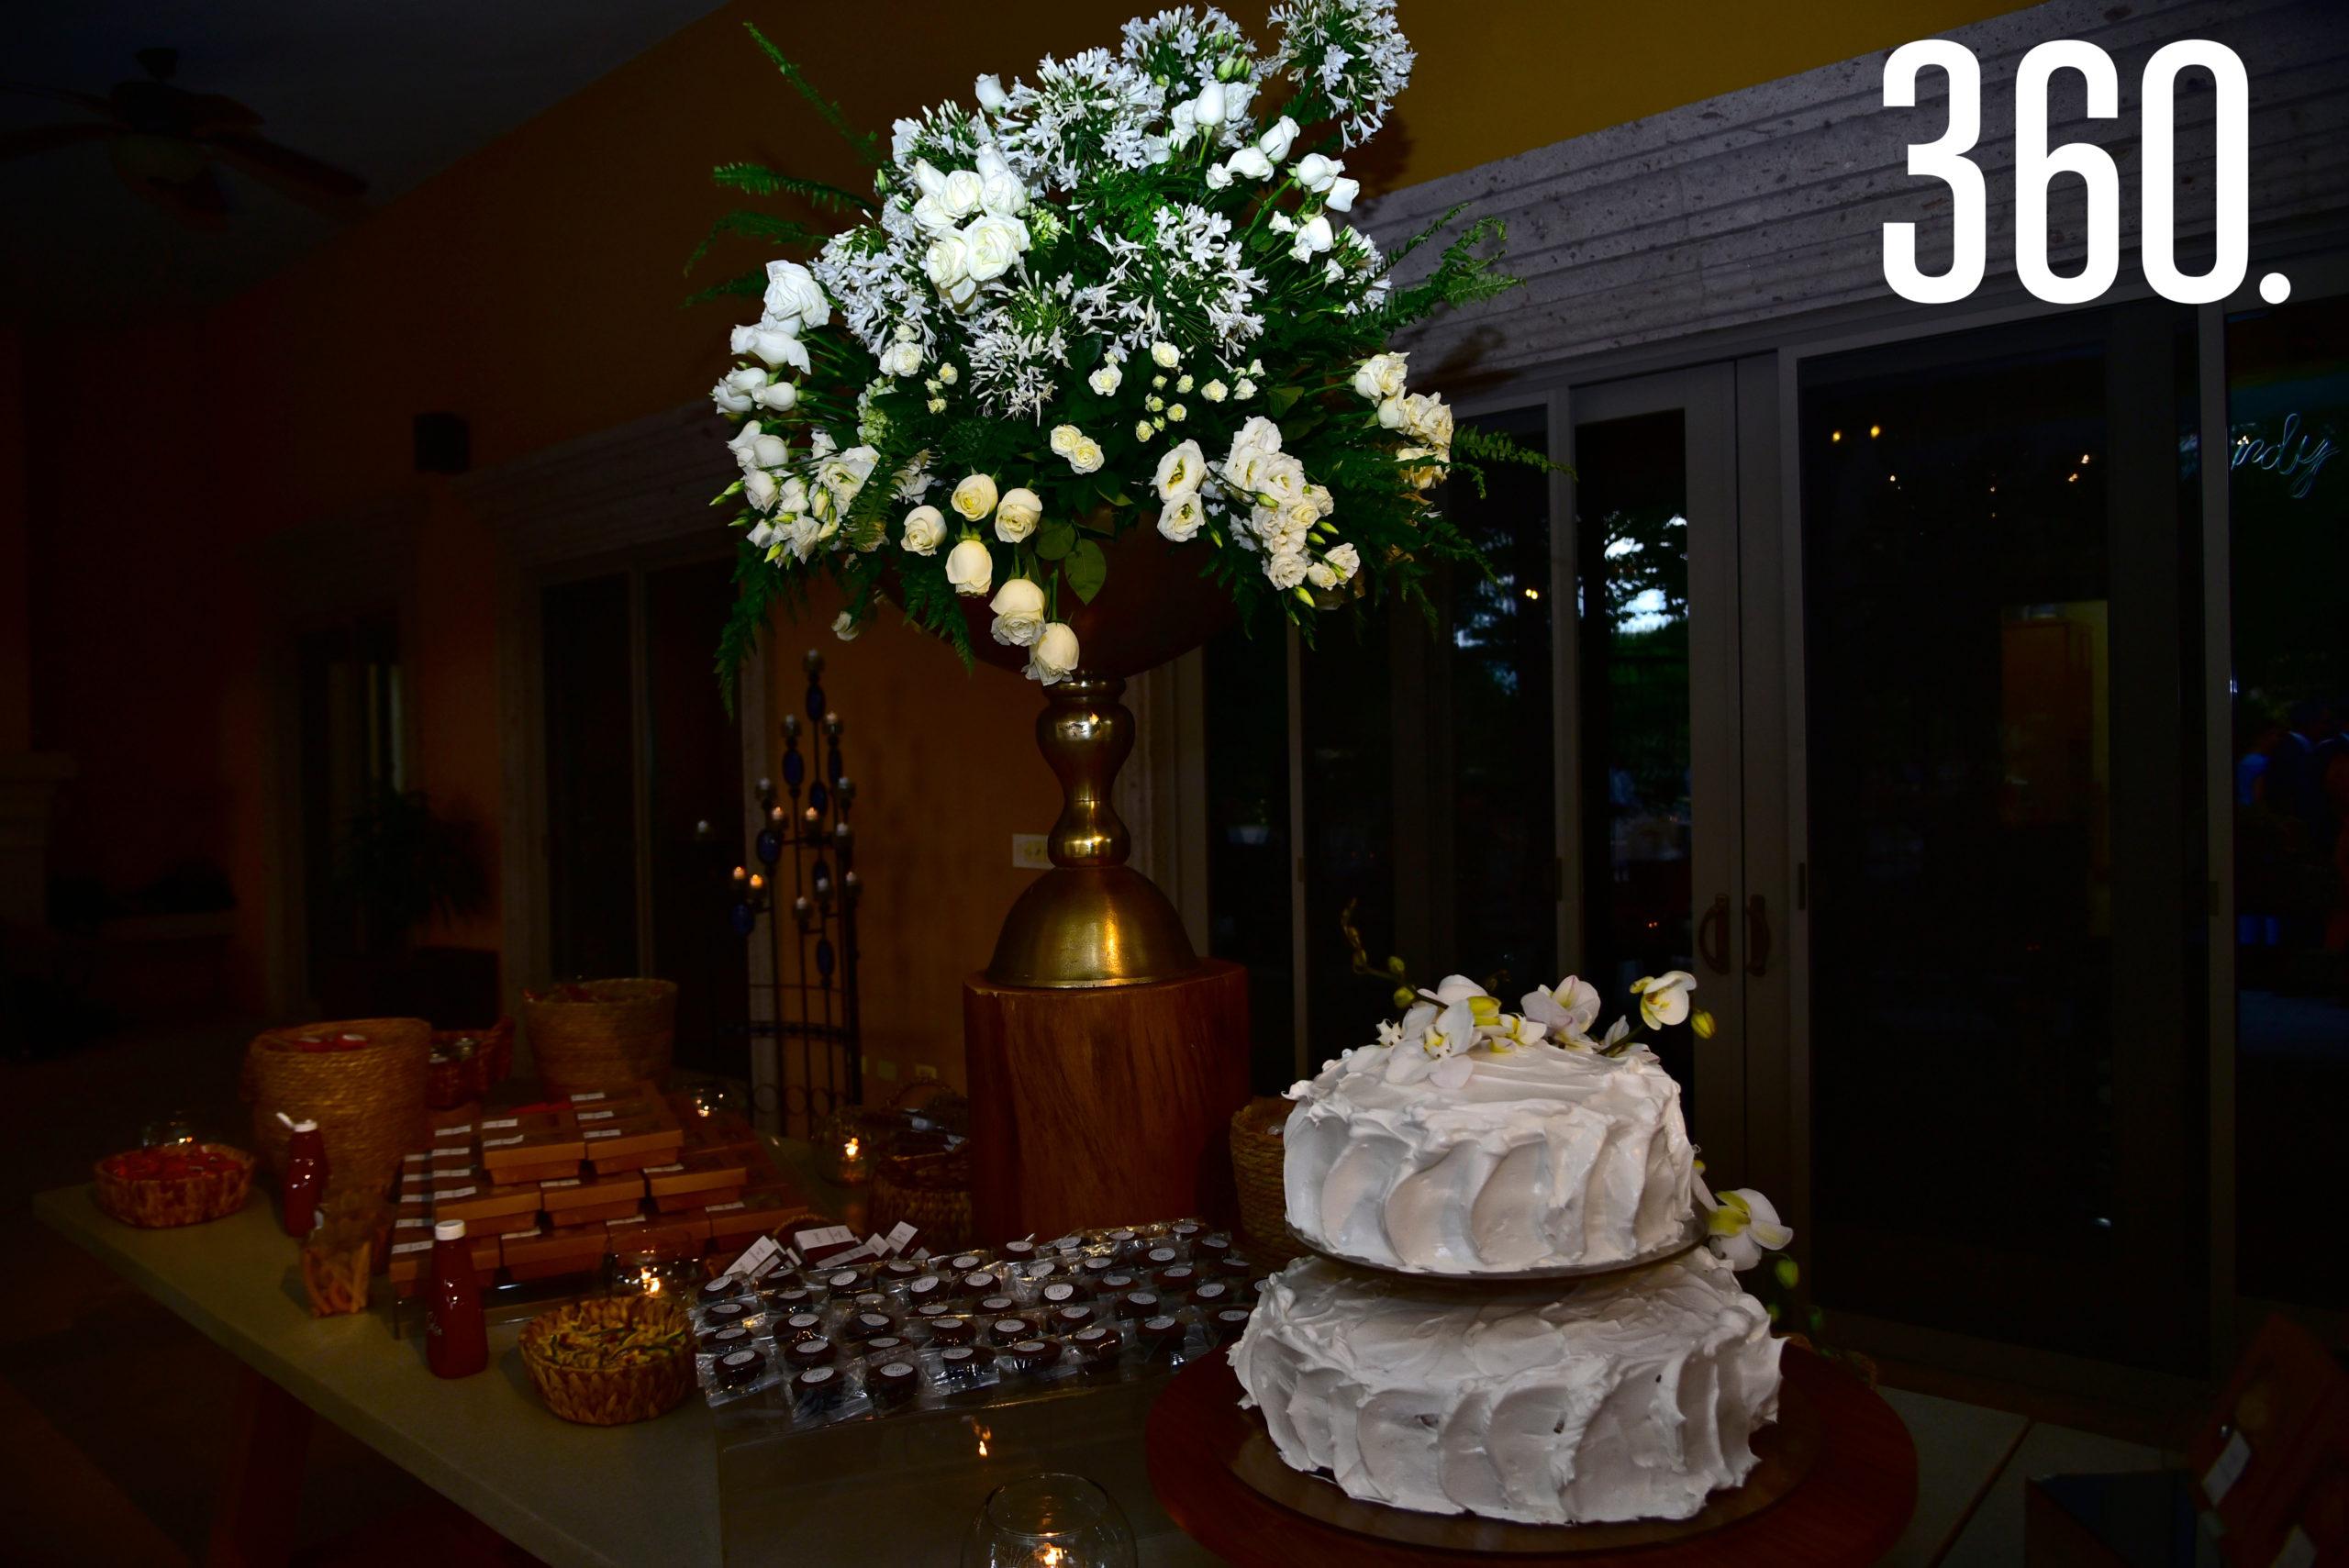 El pastel de bodas.